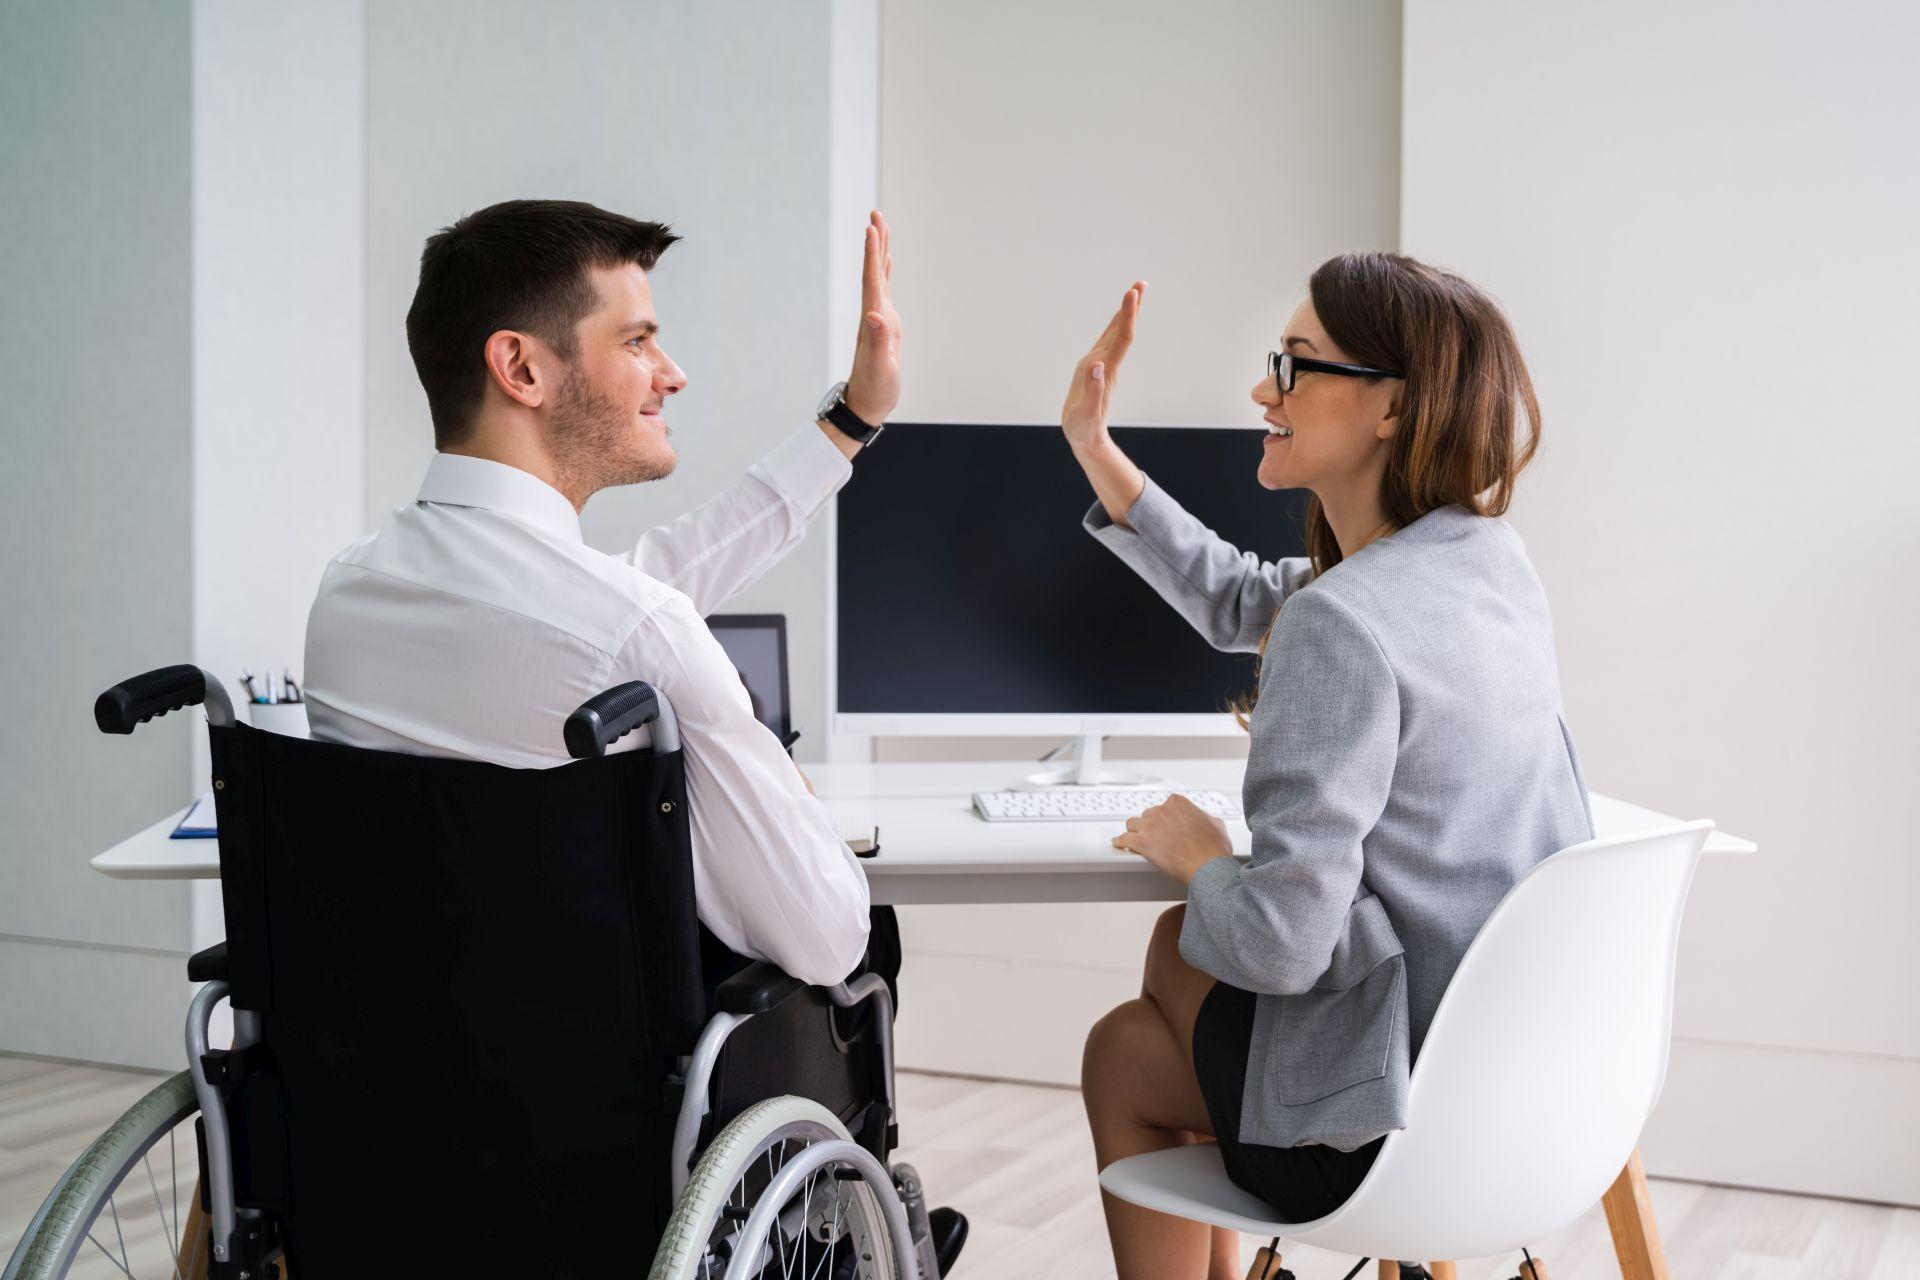 """Mężczyzna siedzący na wózku przybija """"piątkę"""" z kobietą siedzącą obok na krześle"""